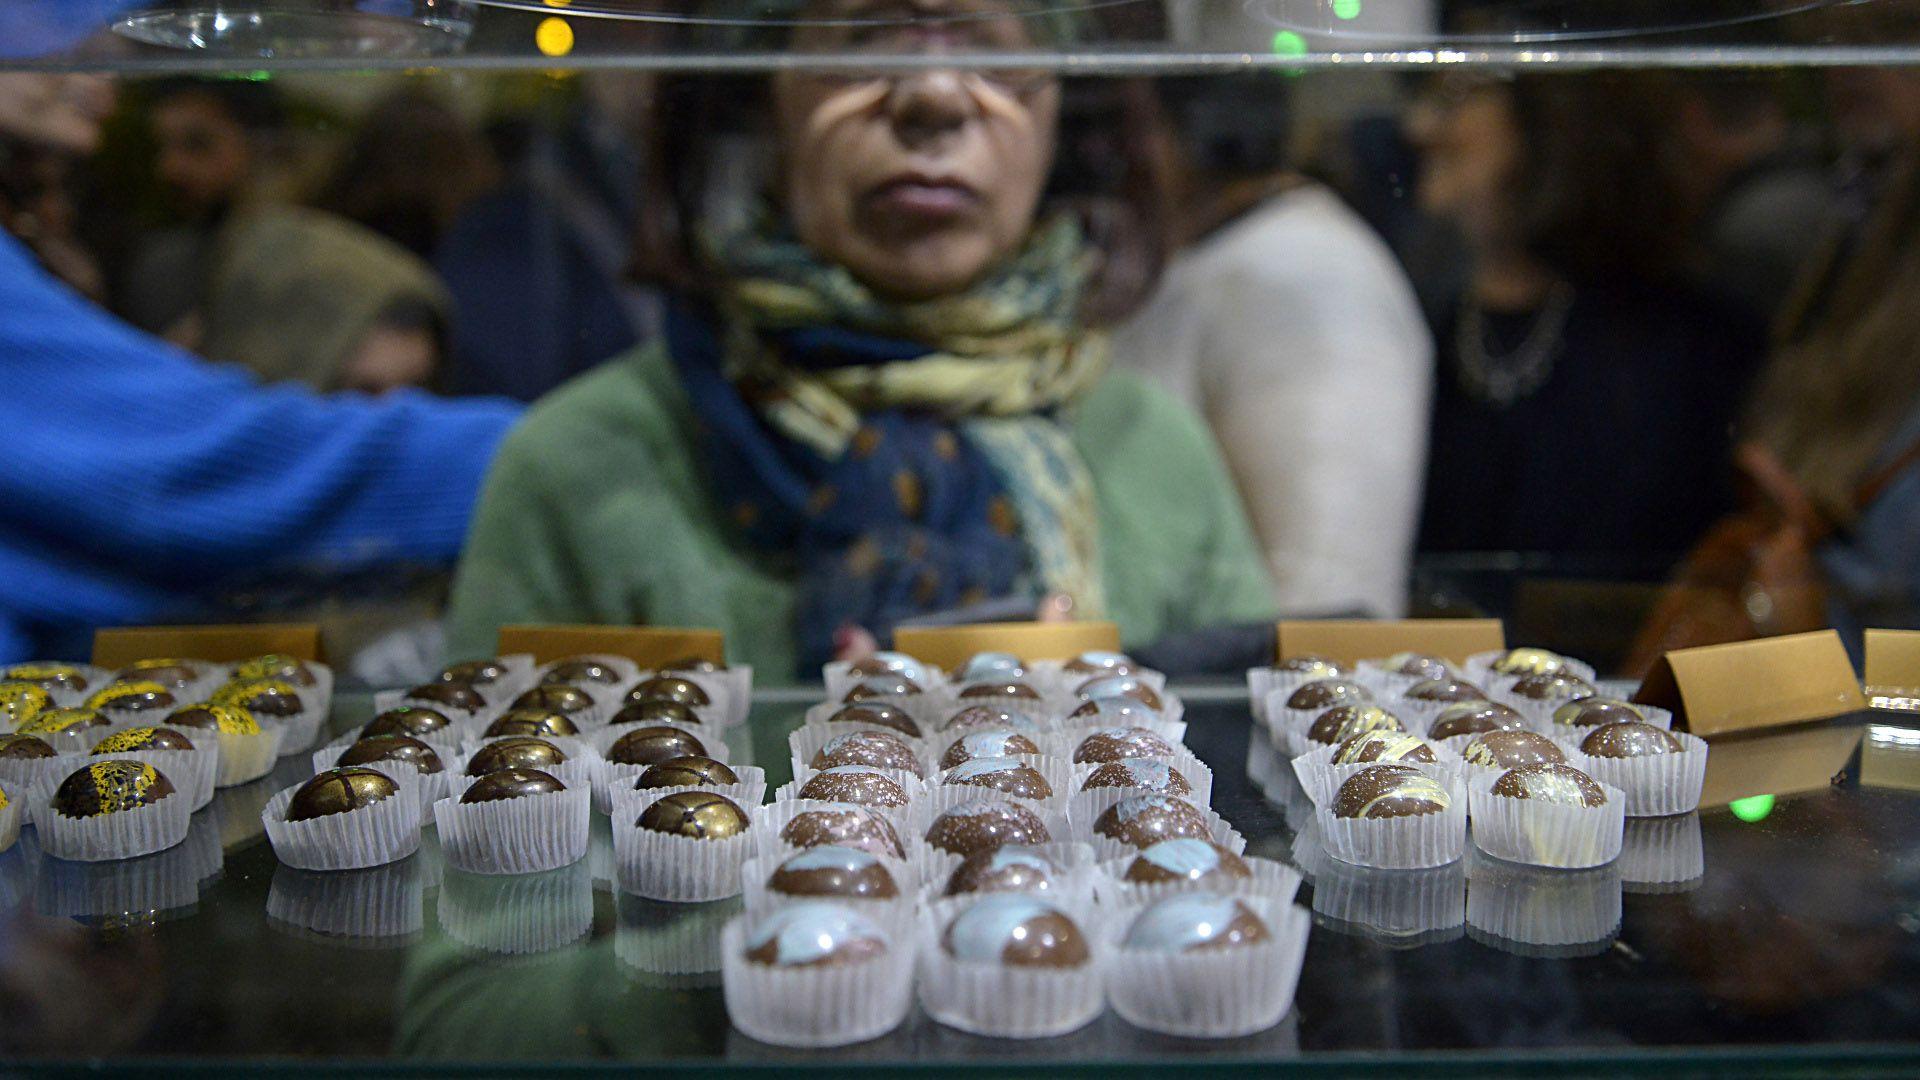 Los bombones rellenos son uno de los emblemas de la chocolatería El Viejo Oso